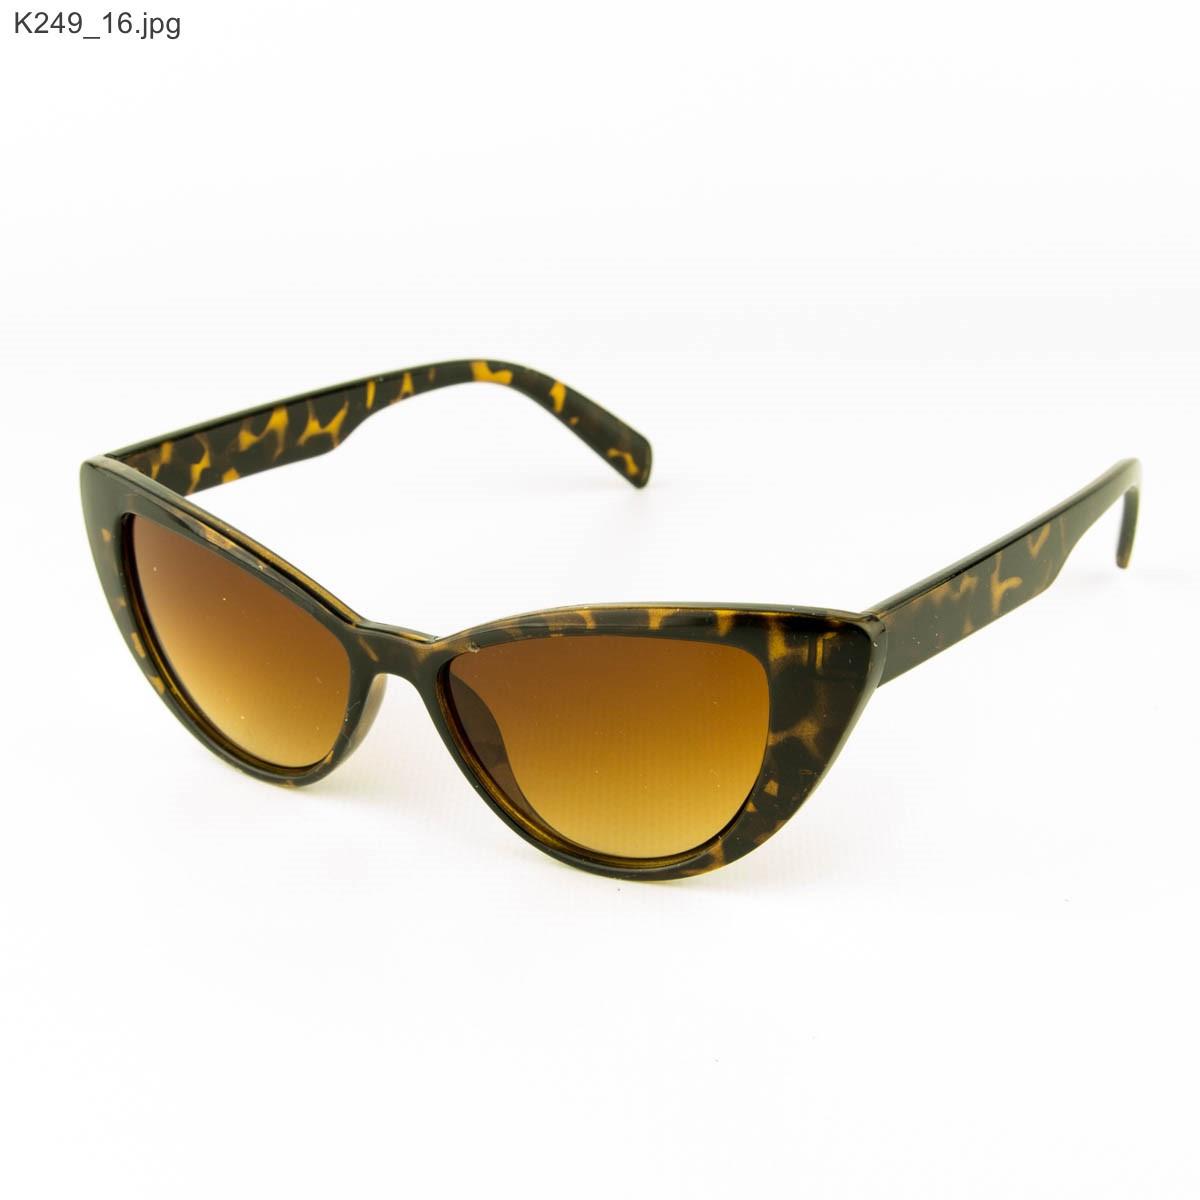 Оптом очки солнцезащитные женские кошачий глаз - Леопардовые - К249